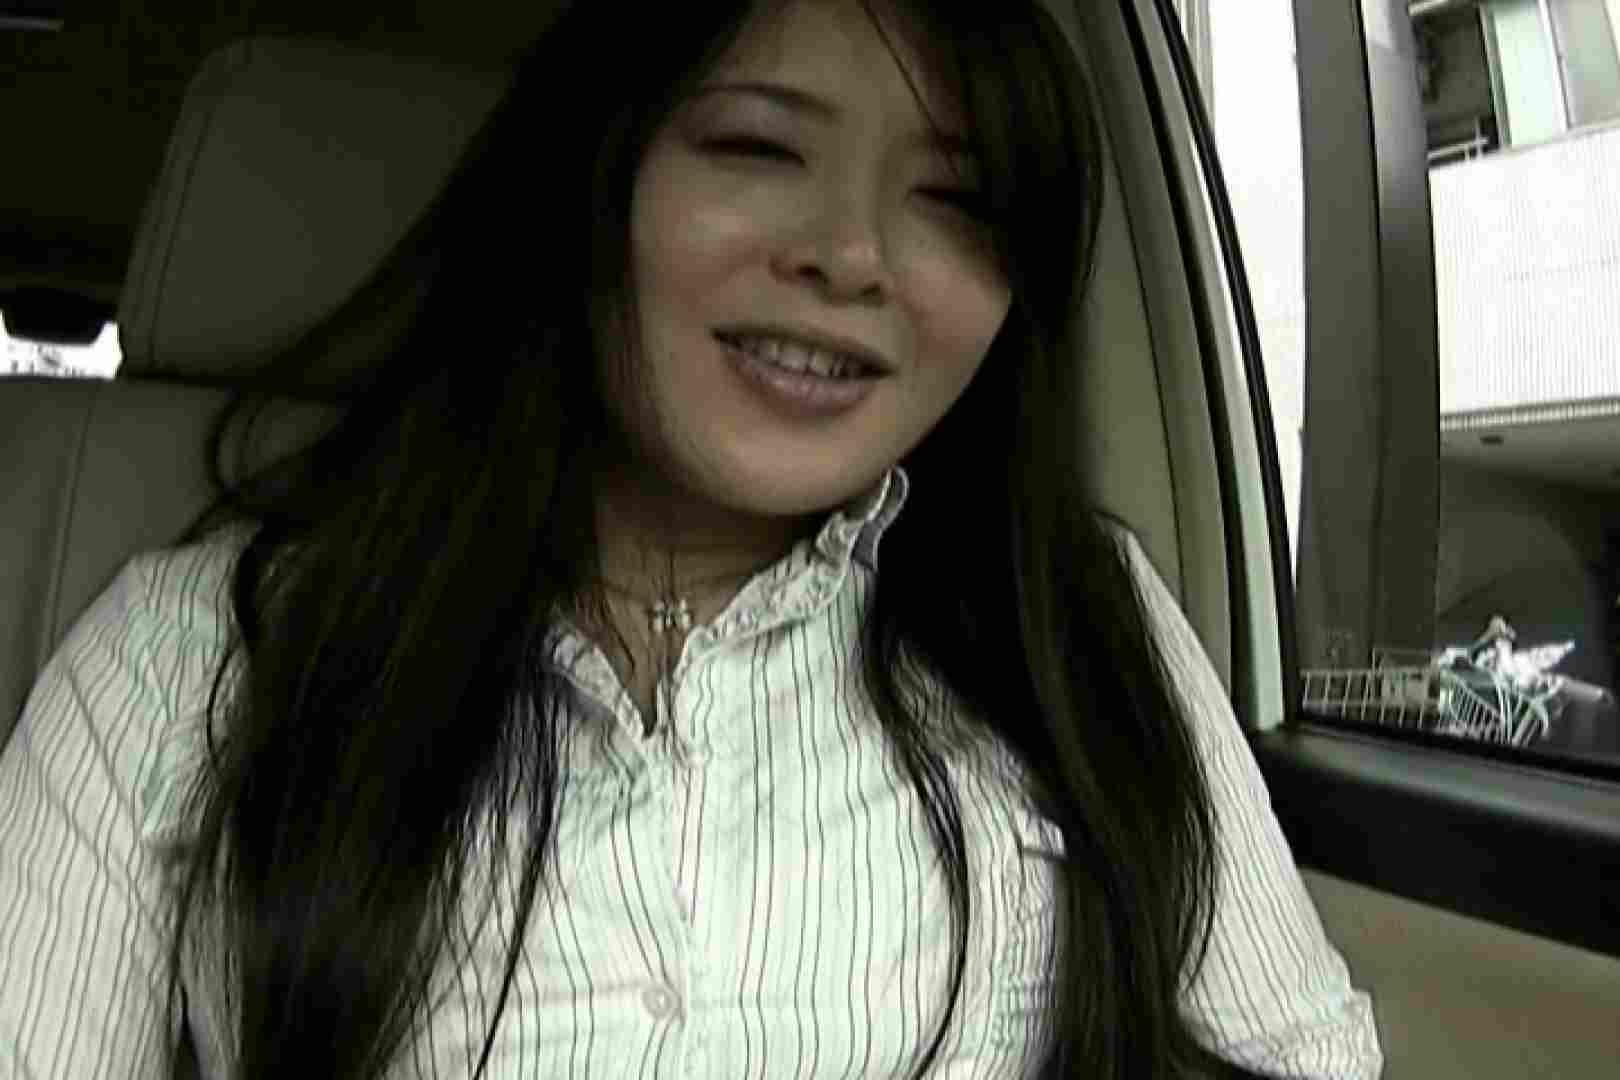 素人ナンパ本番撮り!出会い系でGET!Vol.12 入浴娘 オマンコ無修正動画無料 64連発 55